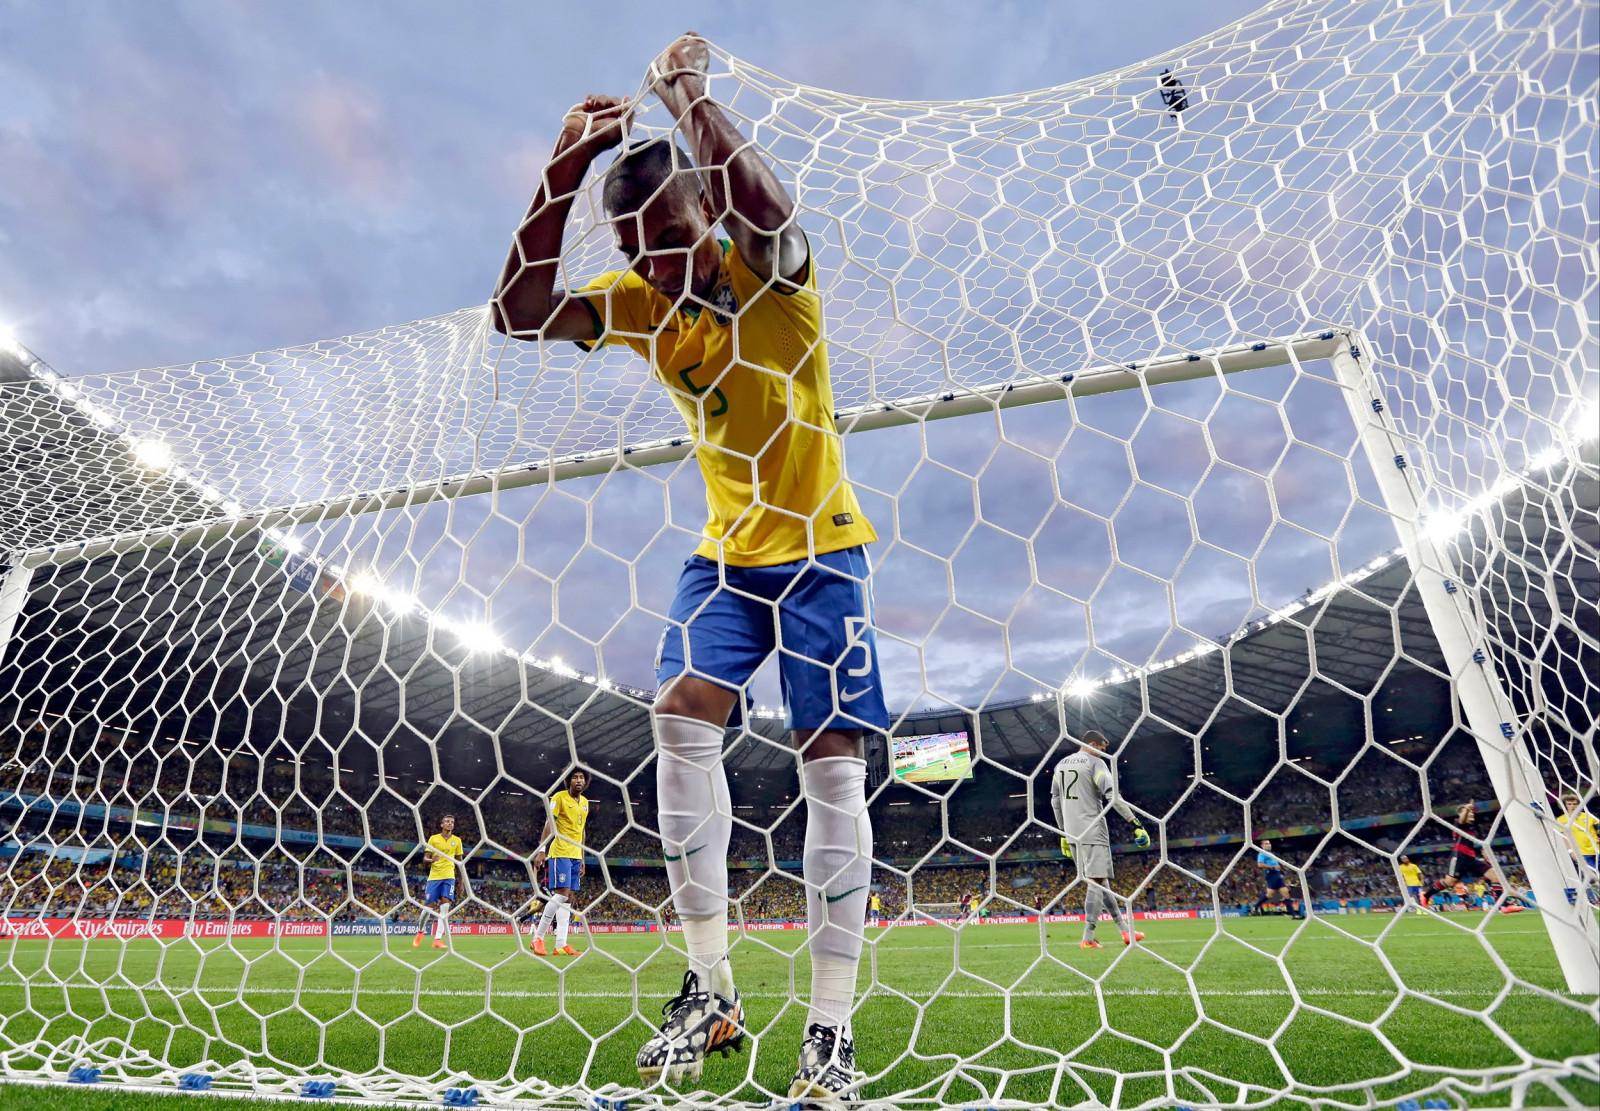 9943e54d sport keeper Mål fotball stadion ball Person struktur sparke nett spiller  fotballspiller sportsutstyr sport spillested menneskelig